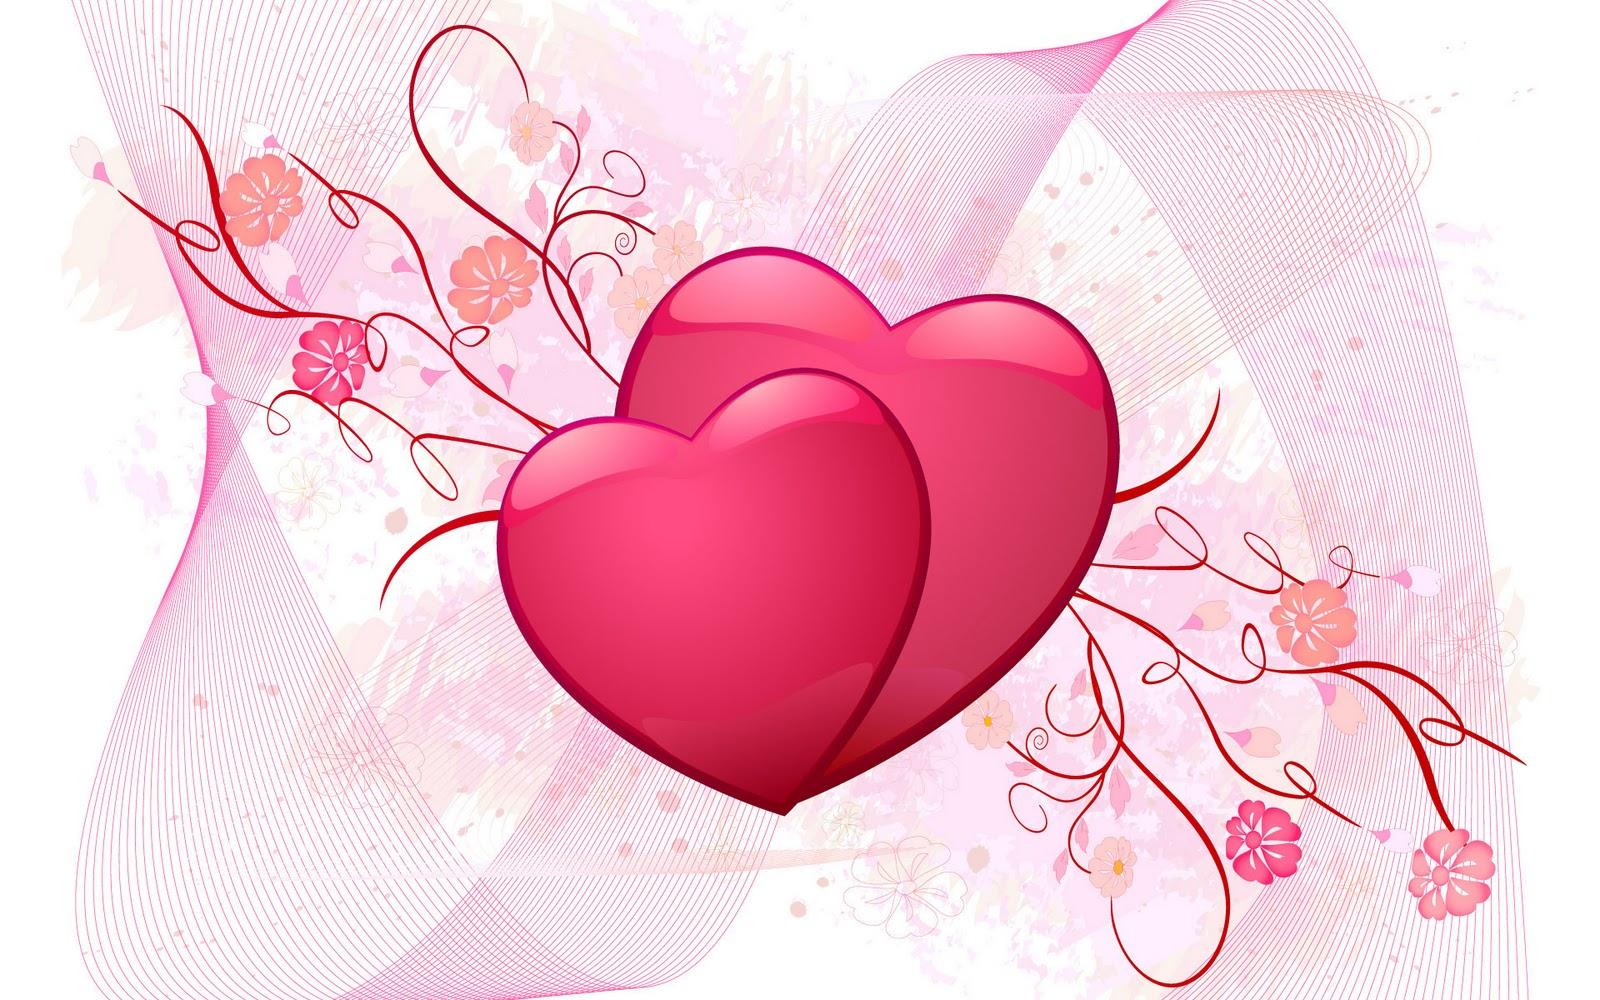 Bolehkah Jatuh Cinta Dalam Pandangan Islam